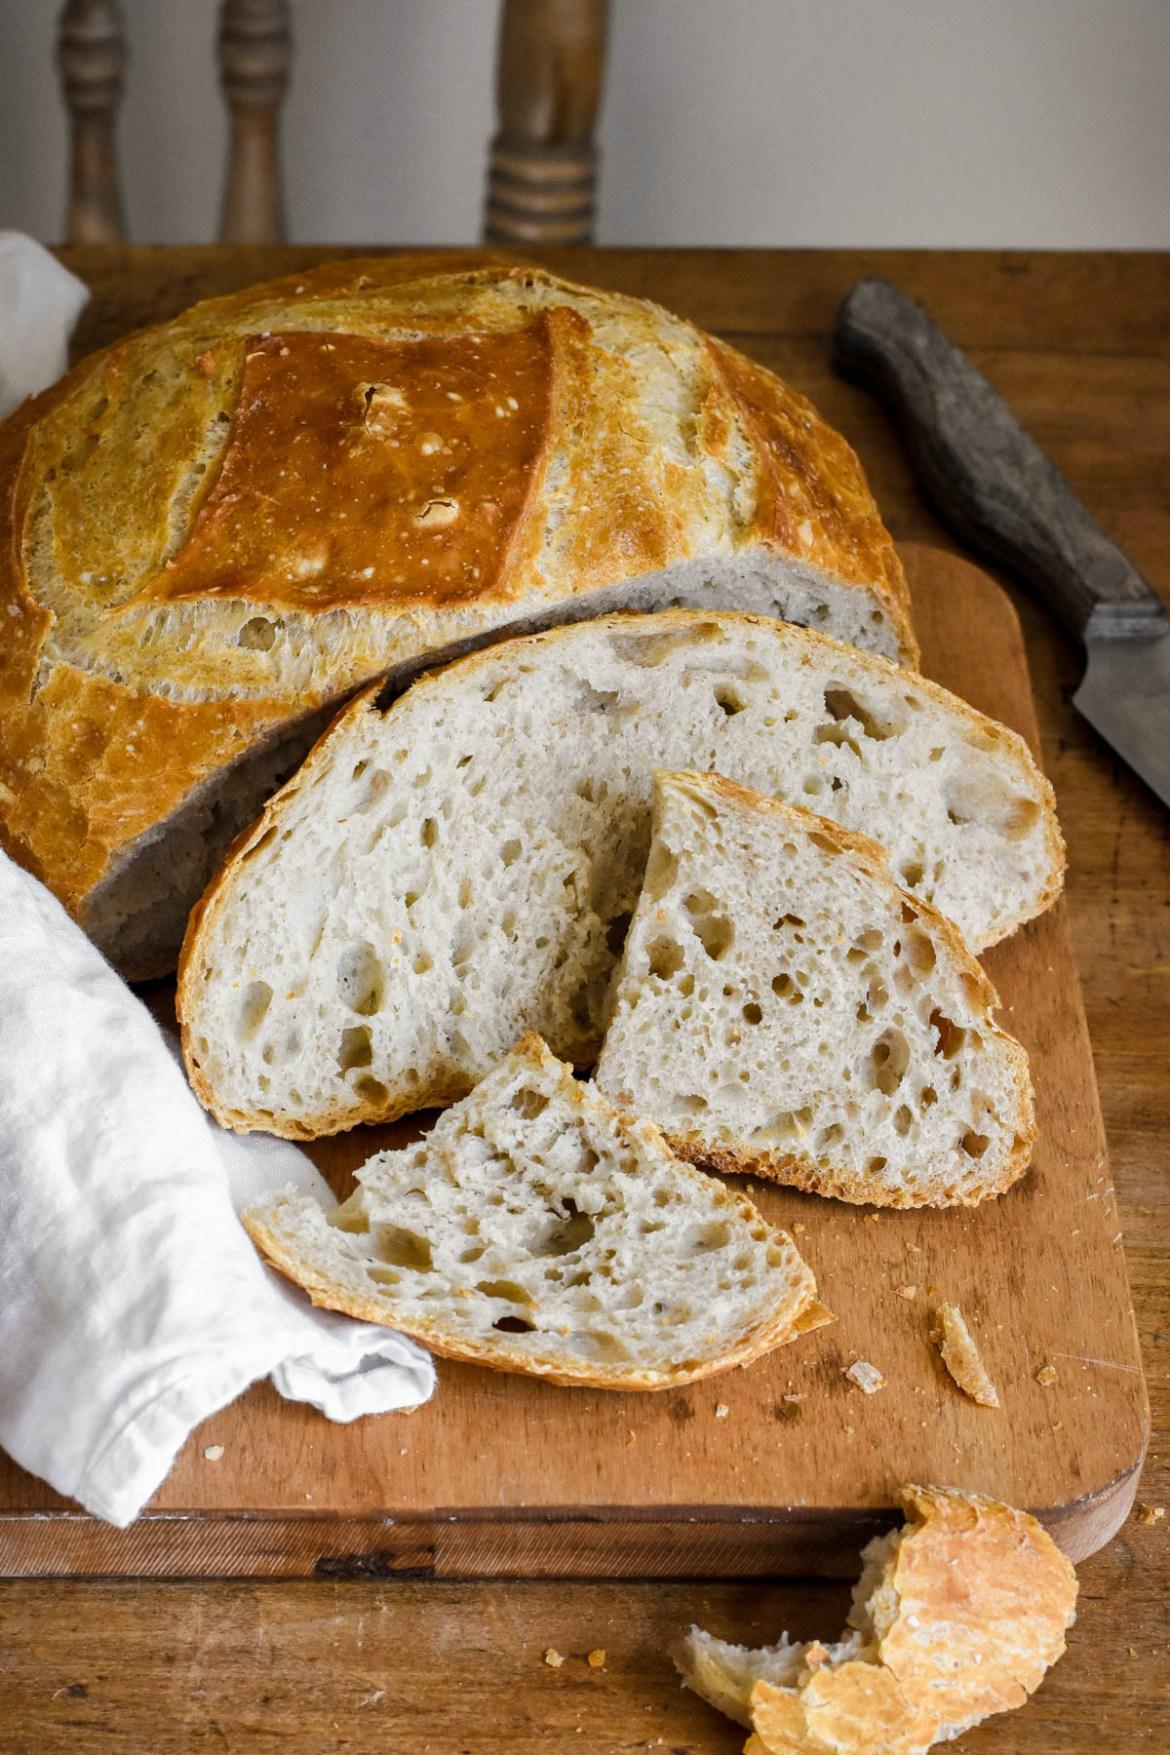 Overnight No-knead Bread